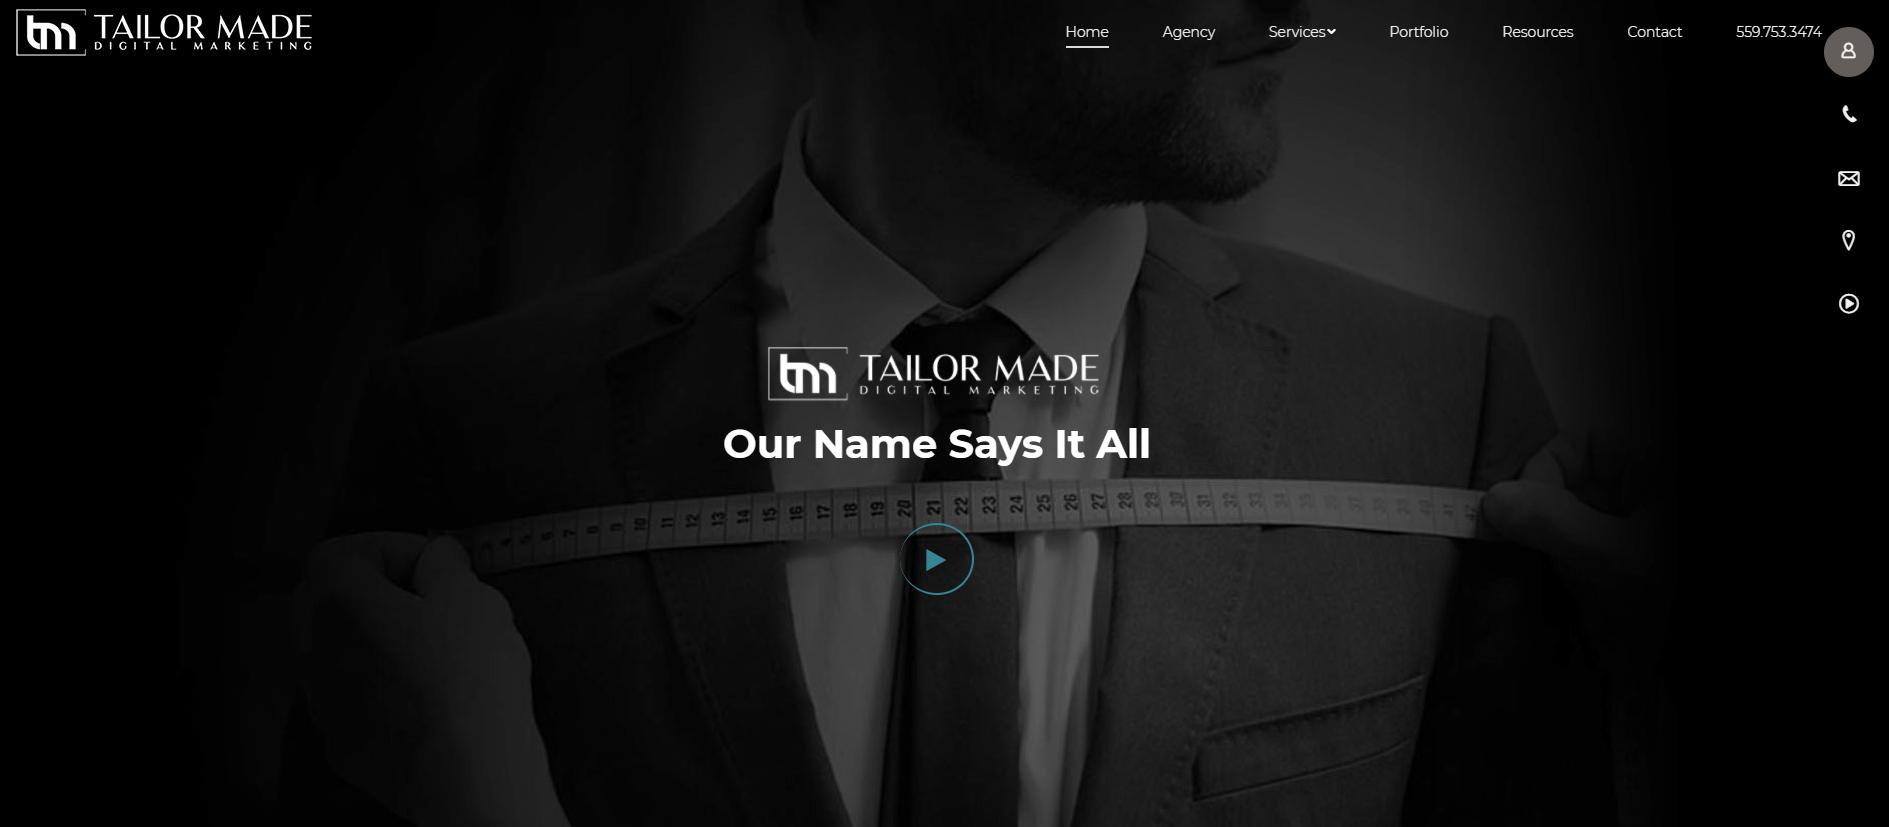 Tailor Made Digital Marketing